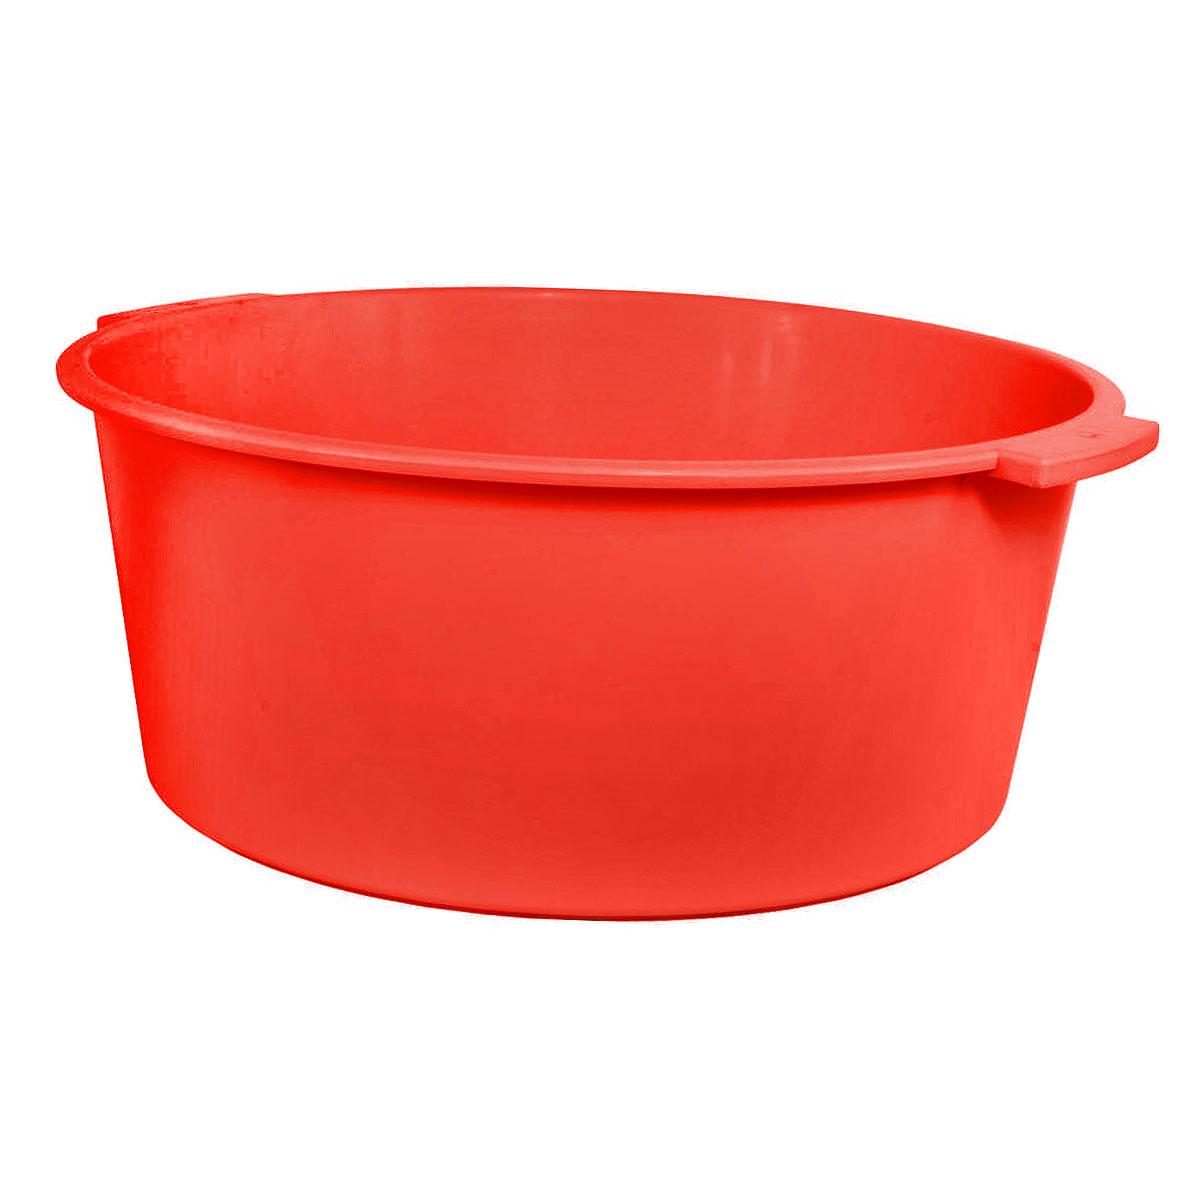 Таз Крепыш, цвет: красный, 15 лК351Таз Крепыш выполнен из прочного цветного пластика. Он предназначен для стирки и хранения разных вещей. По бокам имеются удобные ручки, которые обеспечивают надежный захват. Таз пригодится в любом хозяйстве. Размер: 44 см х 42 см х 17 см. Объем: 15 л.